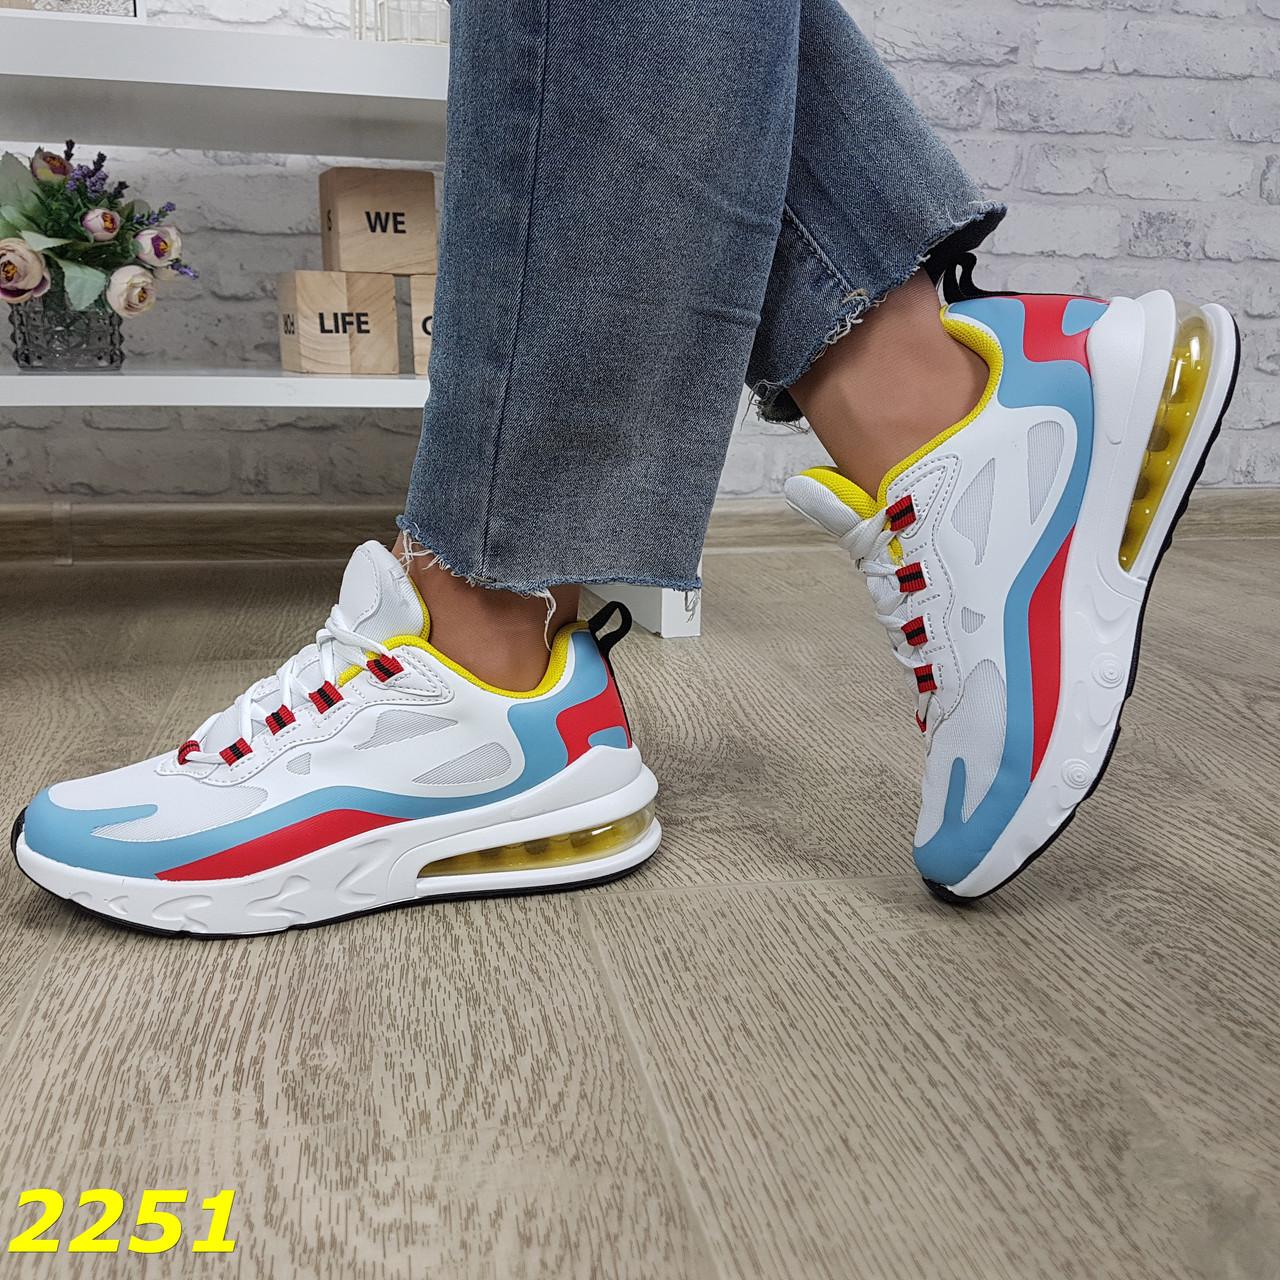 Кросівки на амортизаторах компенсаторах біло-блакитні